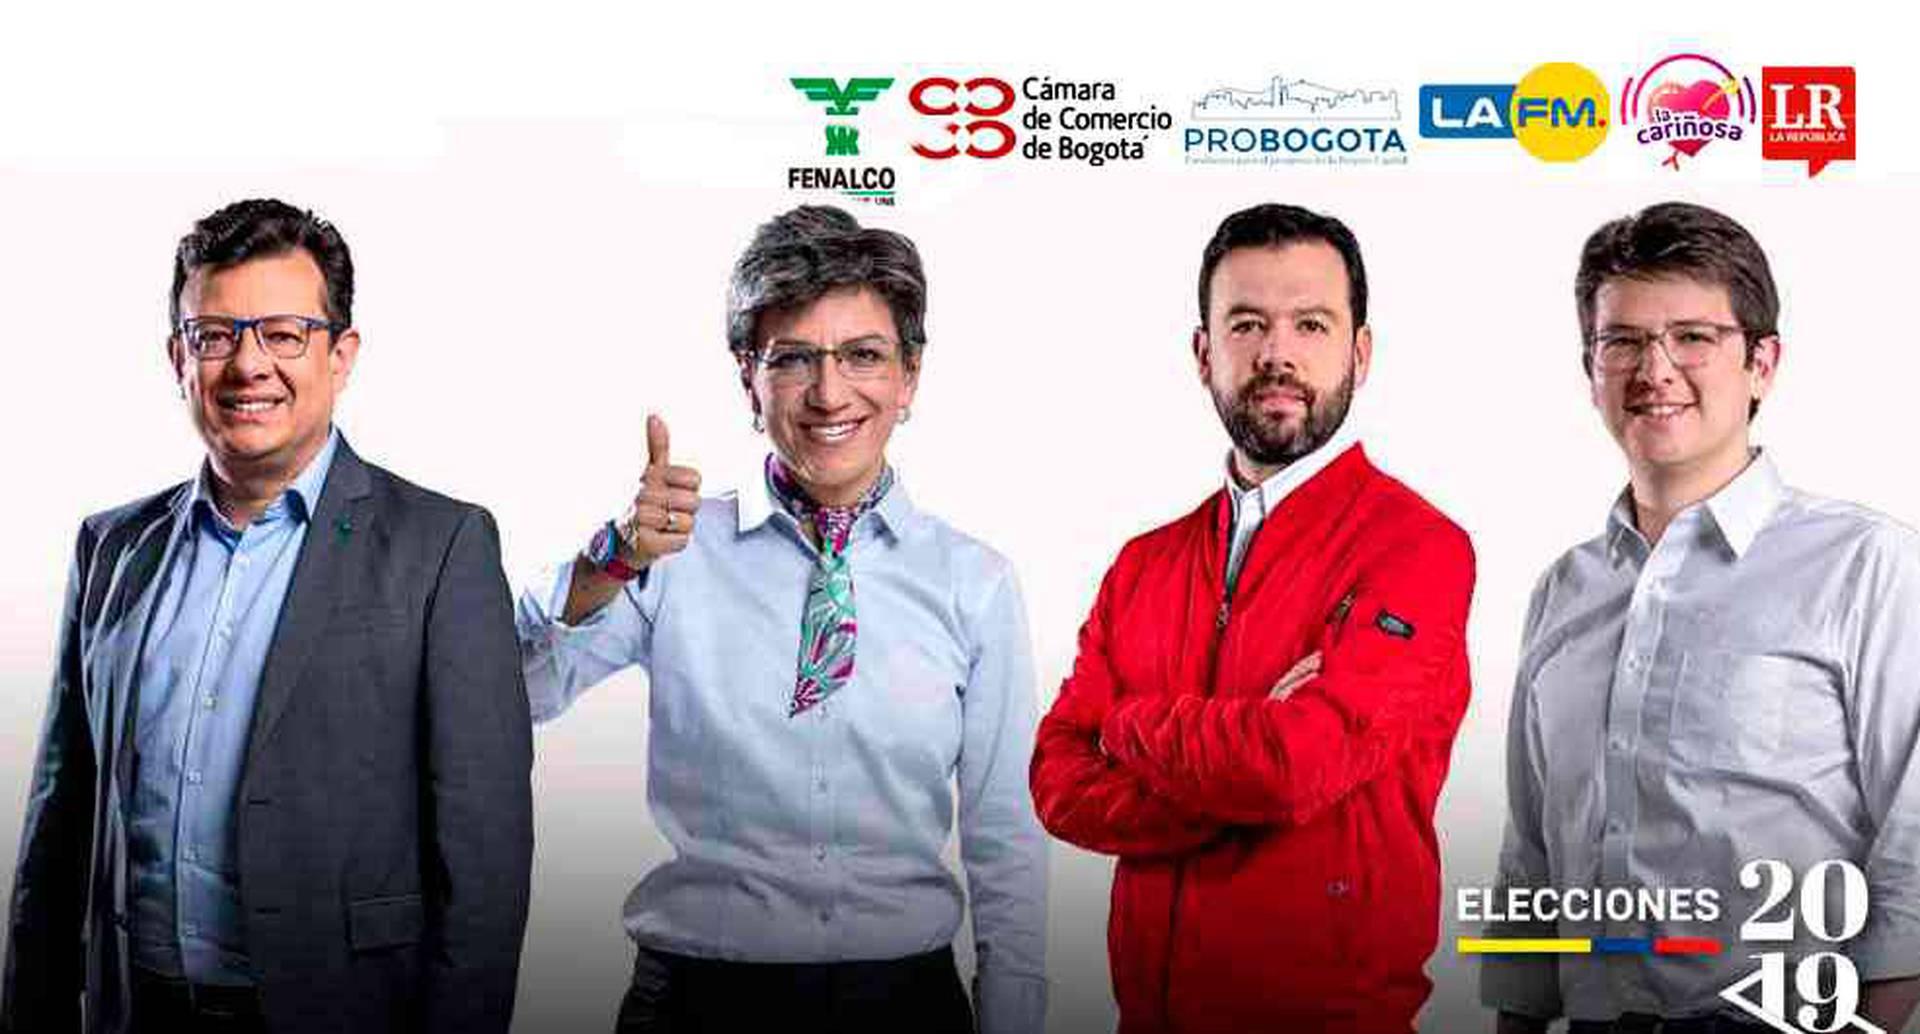 En este debate los cuatro candidatos demostraron su conocimiento sobre los problemas y necesidades específicas de las localidades de la capital.